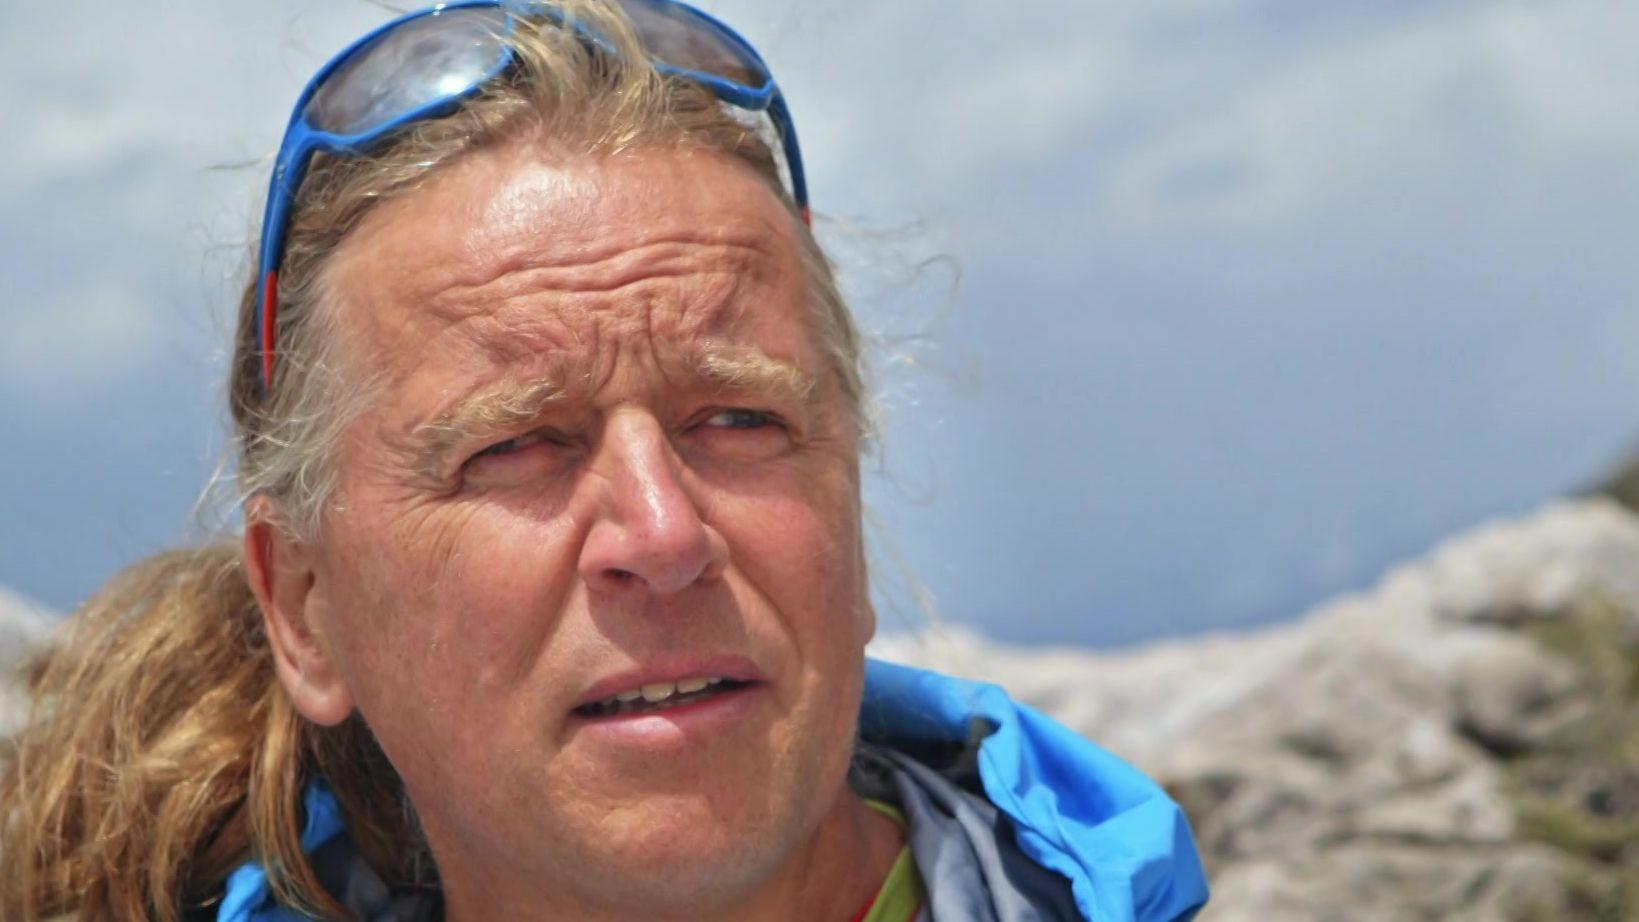 Der blinde Bergsteiger Andy Holzer hat schon den Mount Everest bestiegen. Hier ist er beim Klettern in den Dolomiten.